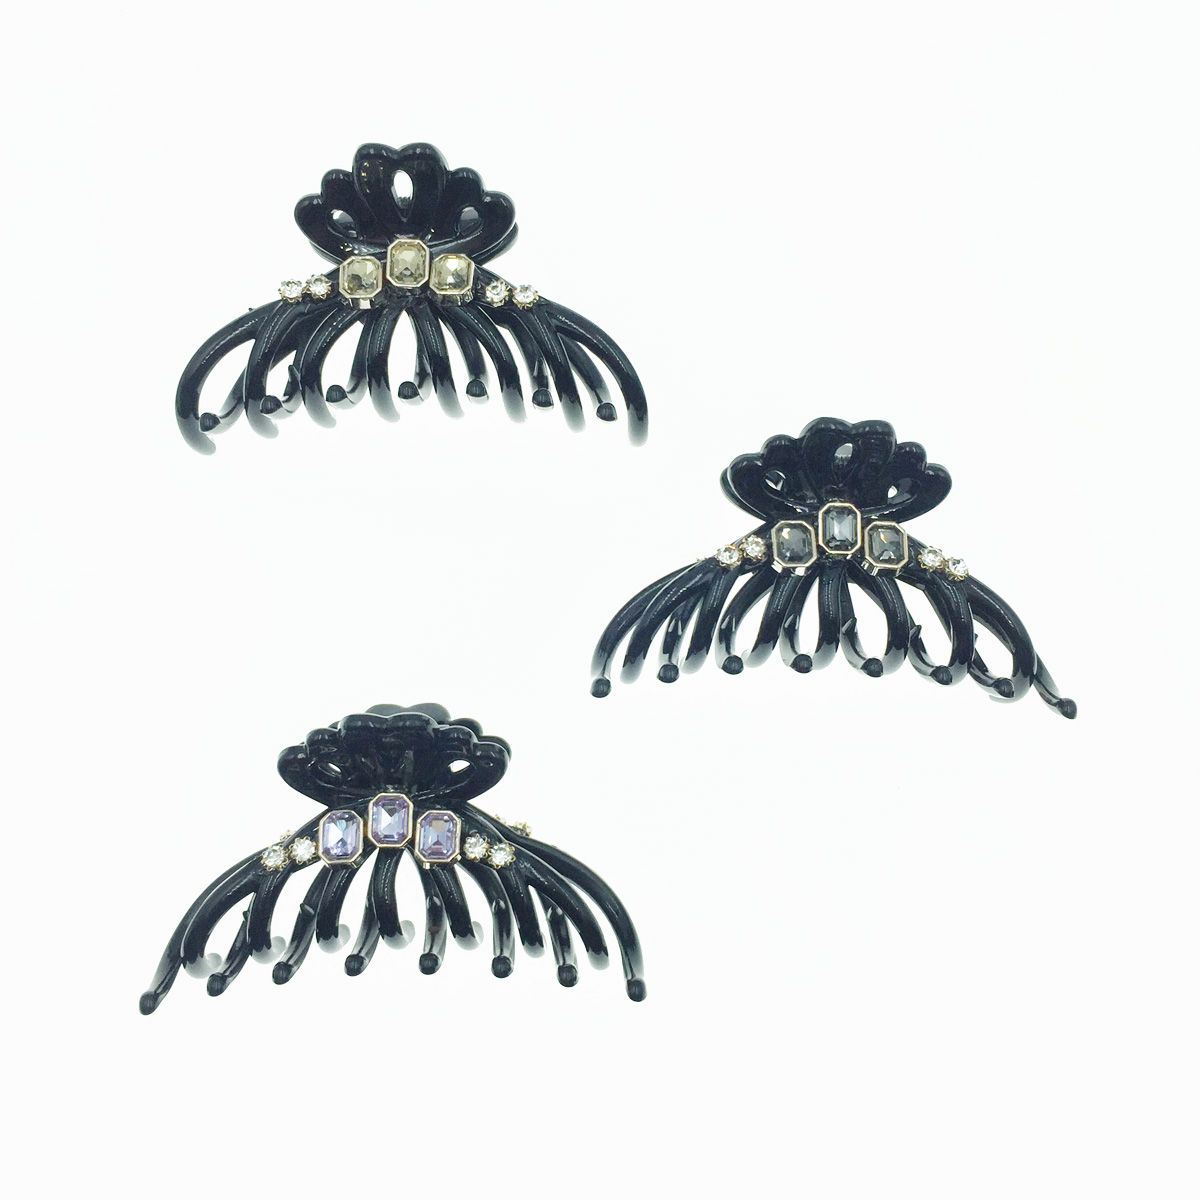 韓國 閃耀寶石 水鑽 白鑽 大鯊魚夾 髮夾 髮飾